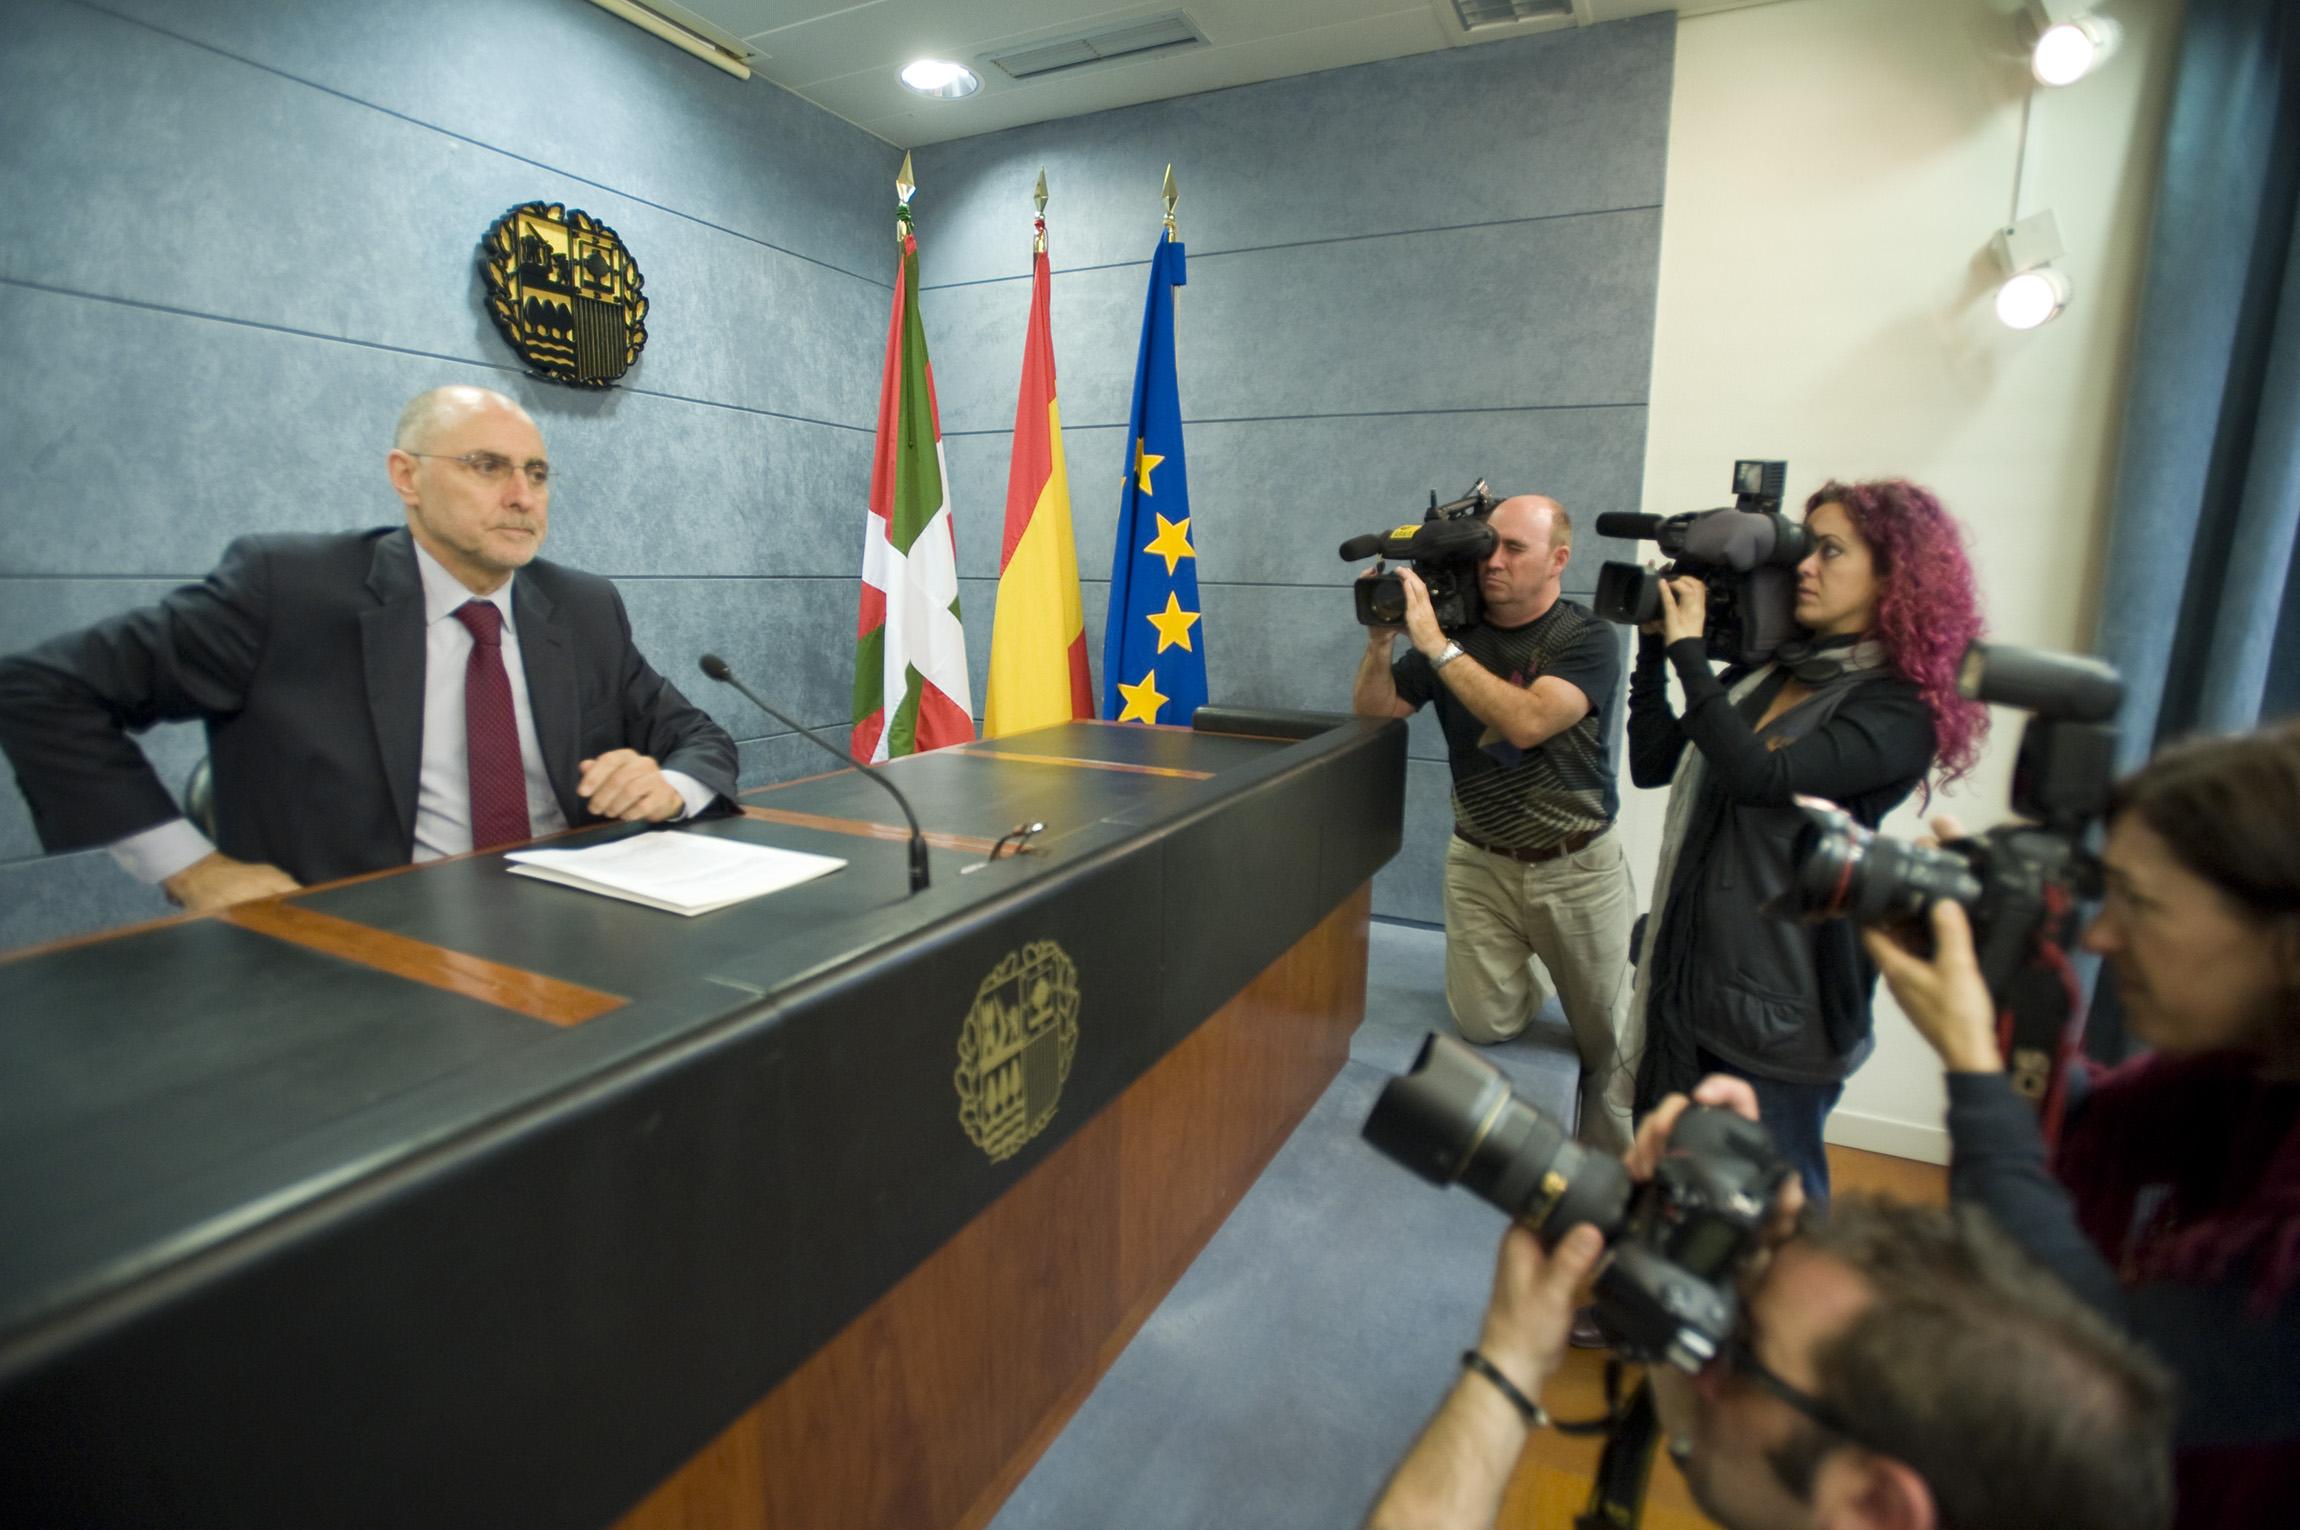 Rueda de prensa el Consejero de Interior, Rodolfo Ares, para valorar la última operación policial de la Ertzaintza contra ETA [6:39]